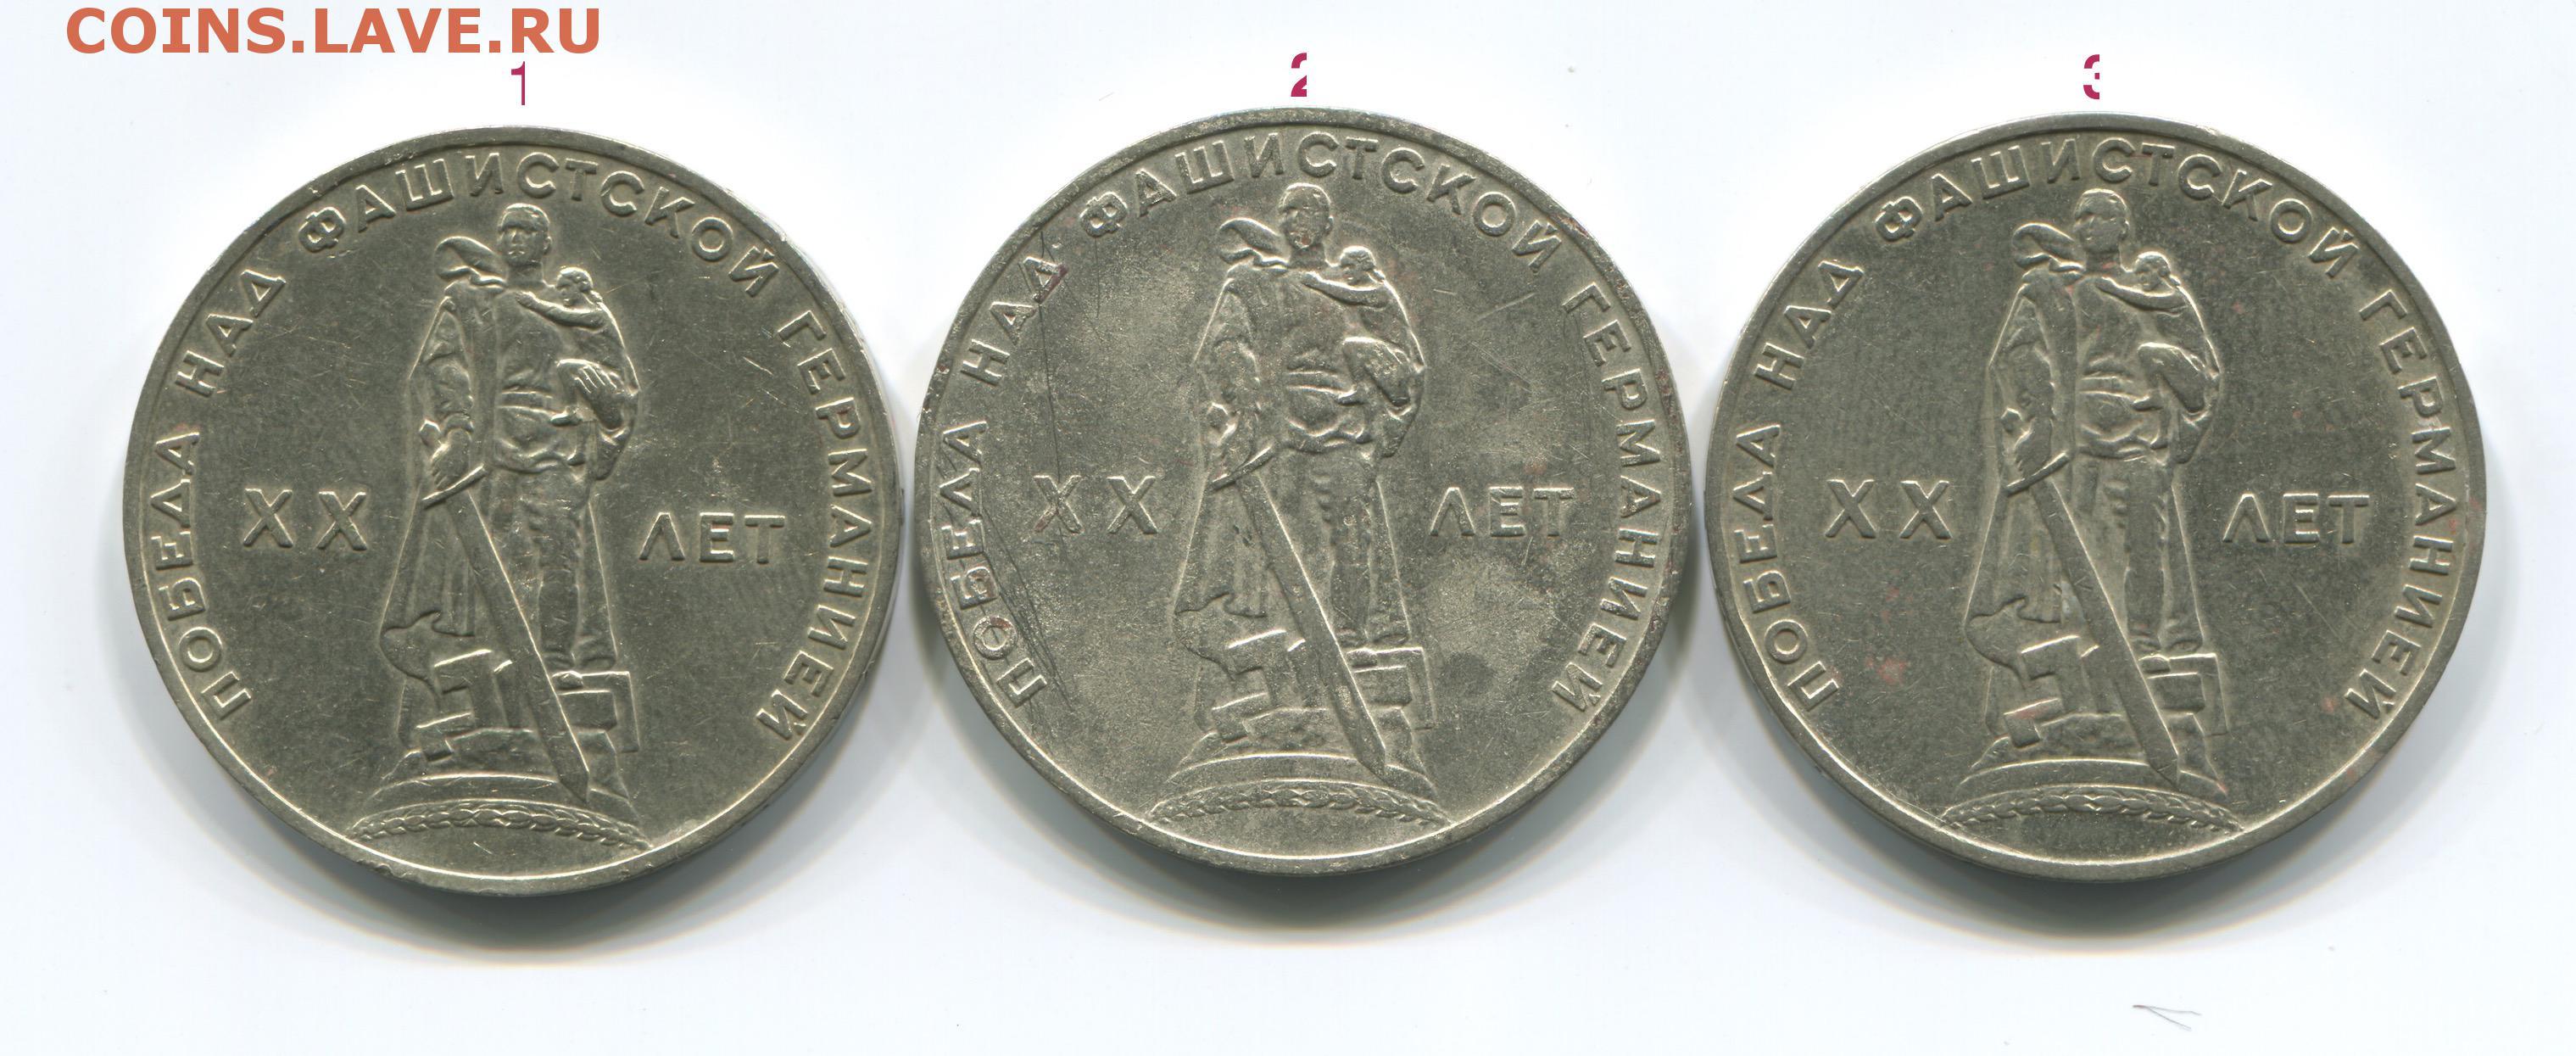 1 рубль 1999 года схема